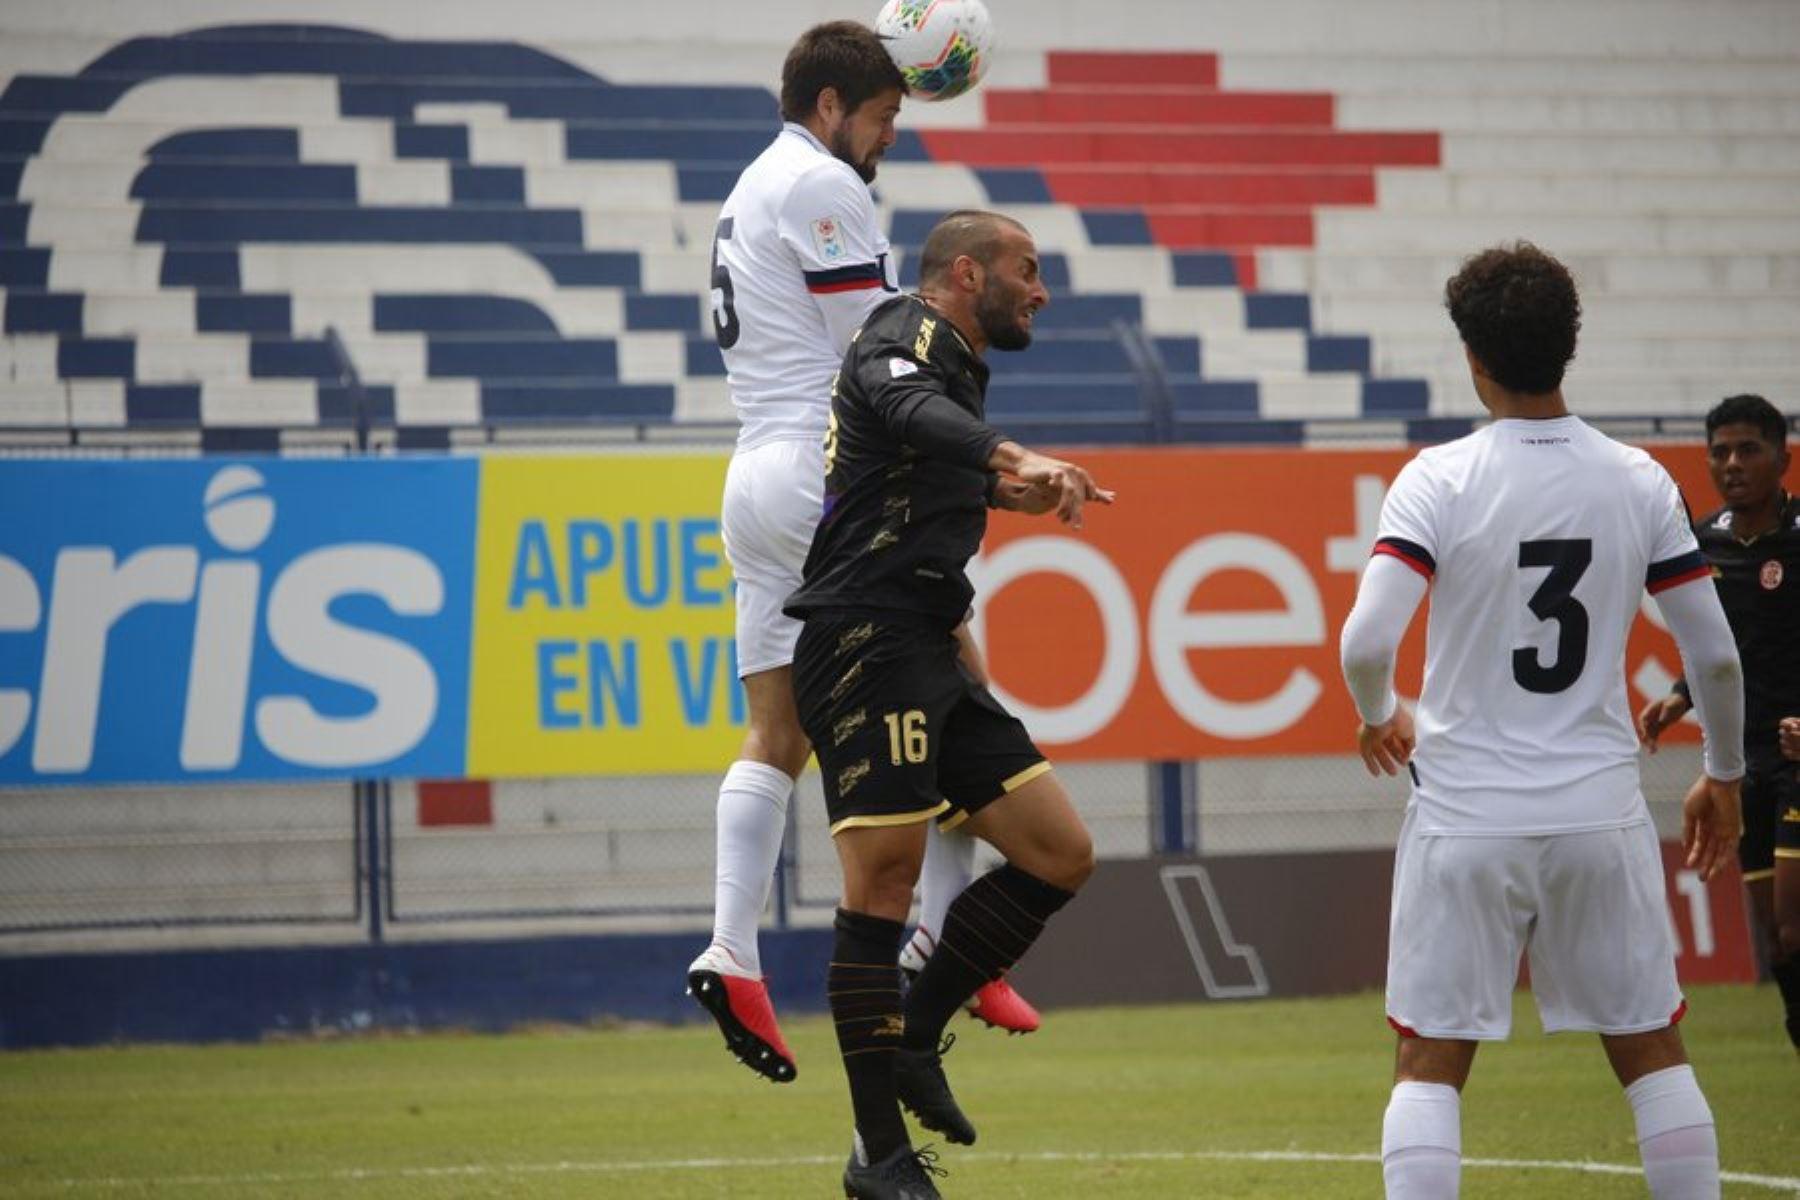 El futbolista M. Guevgeozián del Club UTC se enfrenta por el balón a su rival de la Universidad San Martín por la jornada 13 de la Liga 1, en el estadio Iván Elías Moreno. Foto: @LigaFutProf